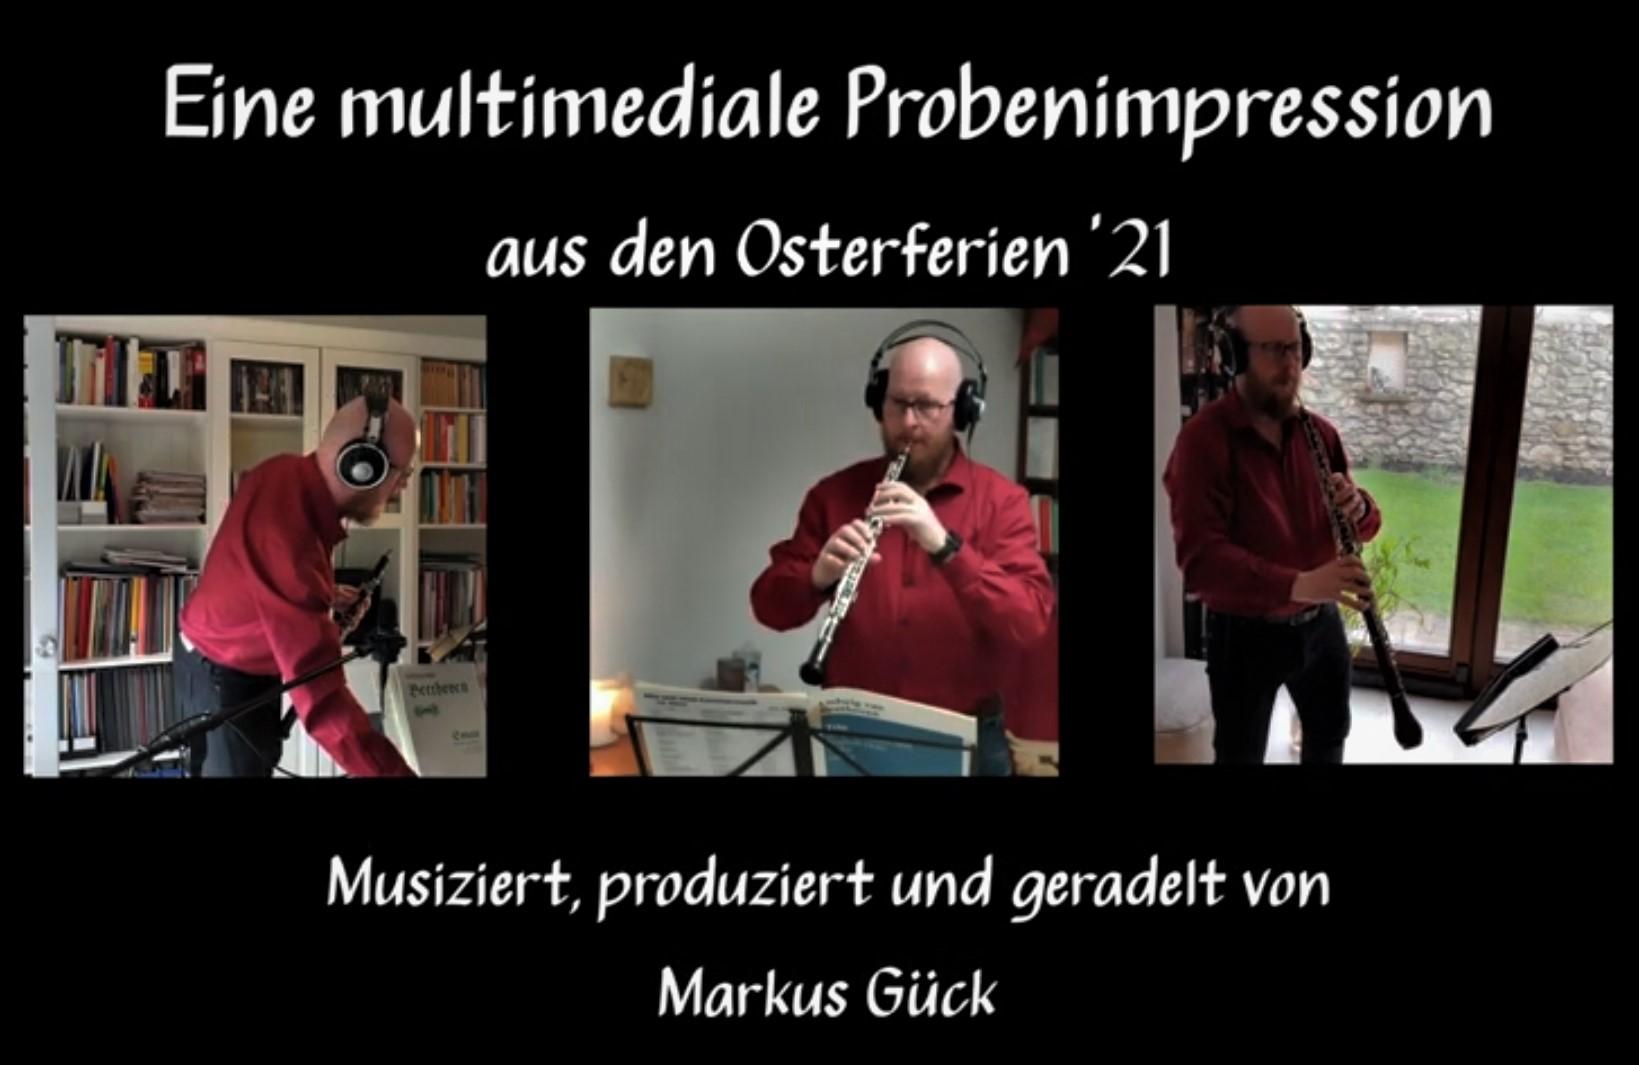 Die Multimediale Probe